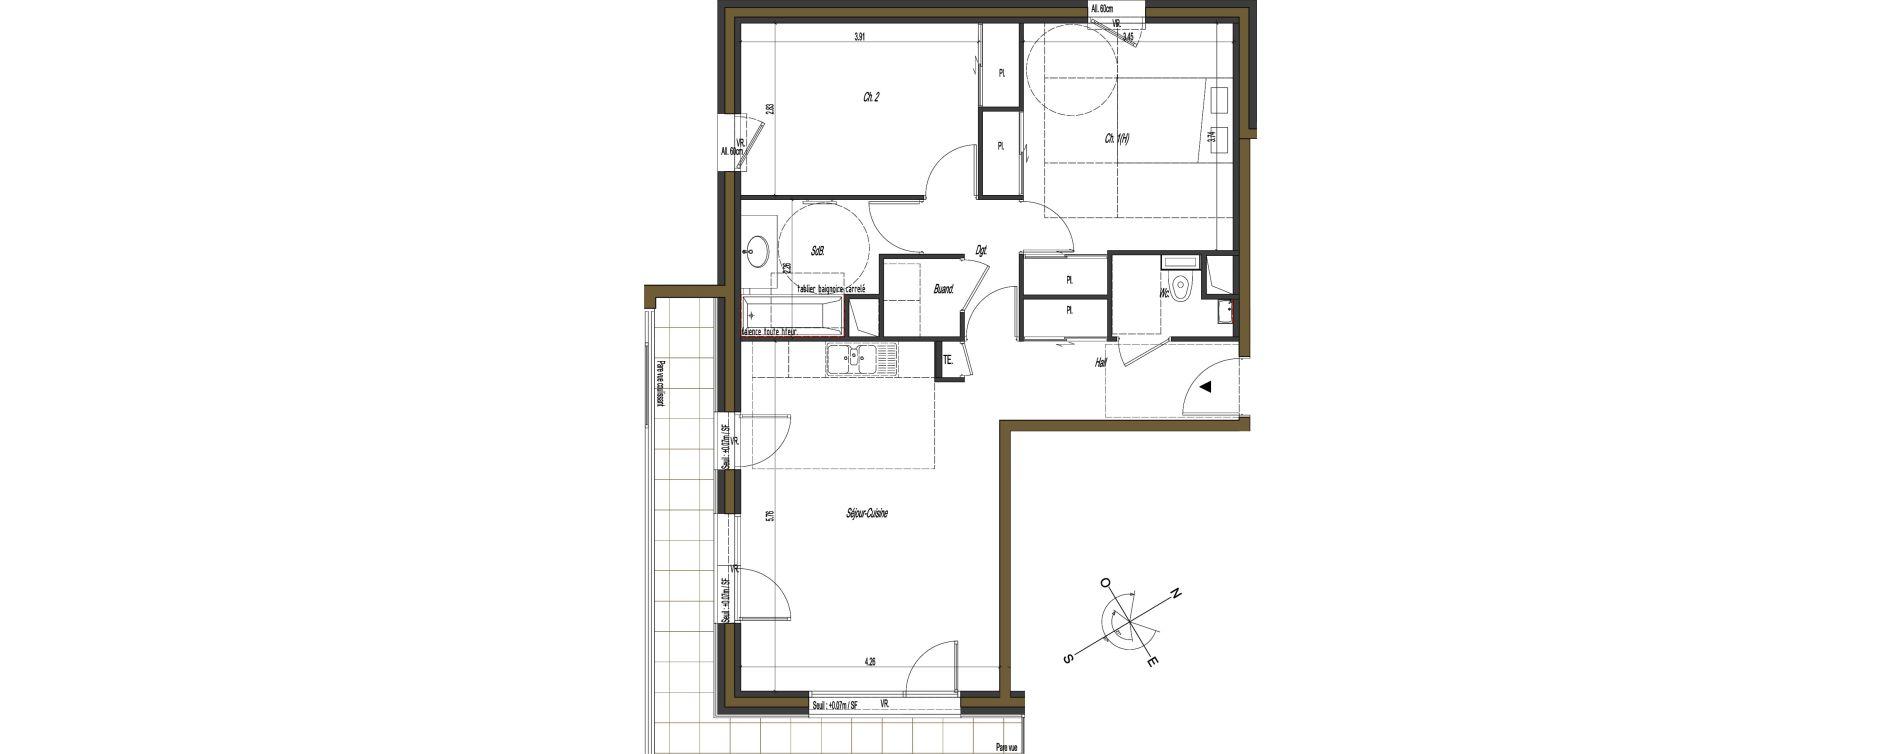 Appartement T3 de 69,10 m2 à Gex Terres d harmonie